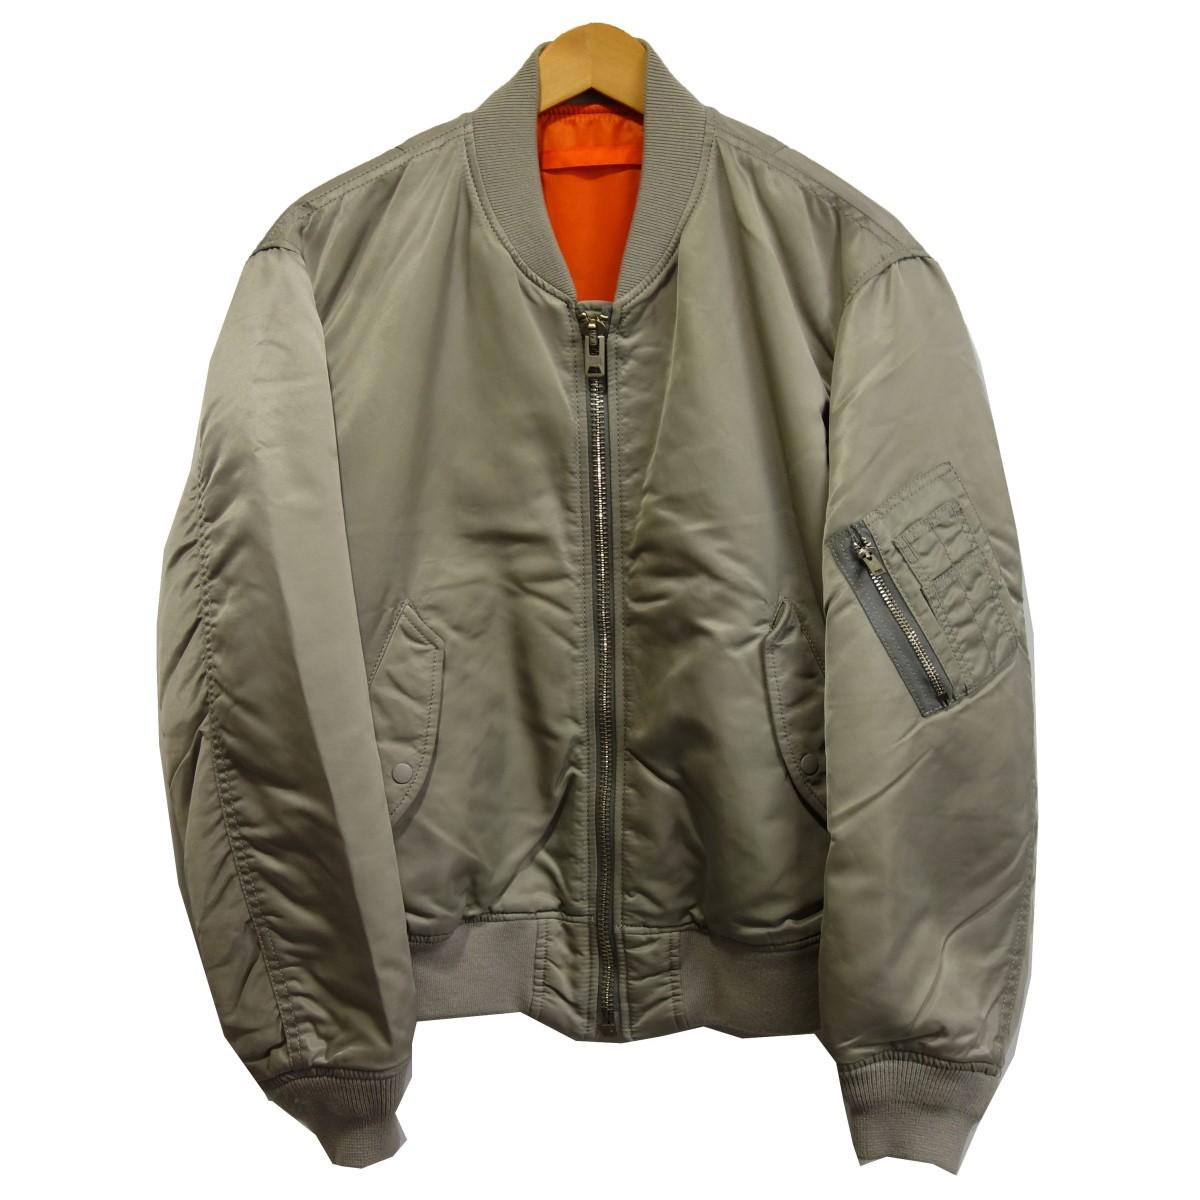 【中古】6(ROKU) BEAUTY&YOUTH 「NYLON MA-1 JACKET」 ナイロンMA-1ジャケット ライトグレー サイズ:36 【180320】(ロク ビューティーアンドユース)